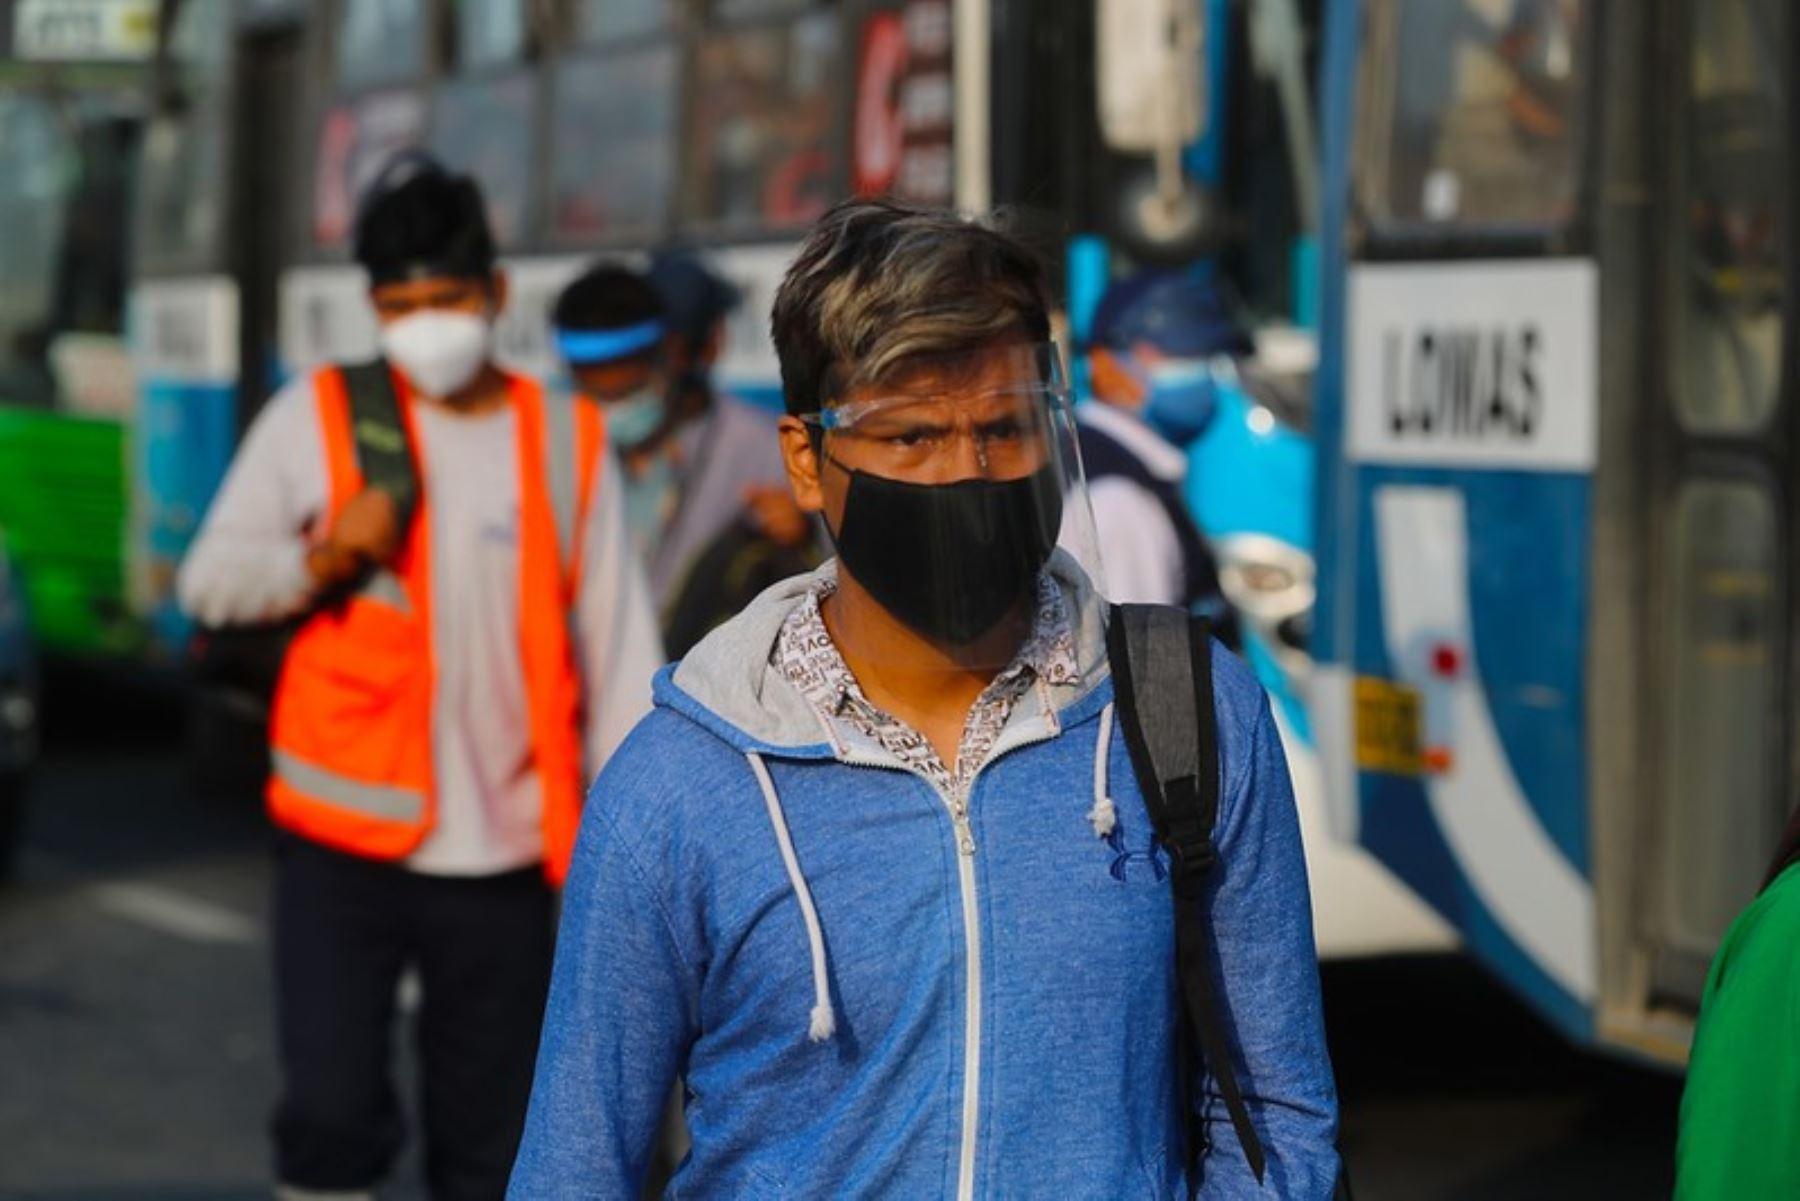 Municipios activan planes de transporte público para garantizar seguridad en elecciones